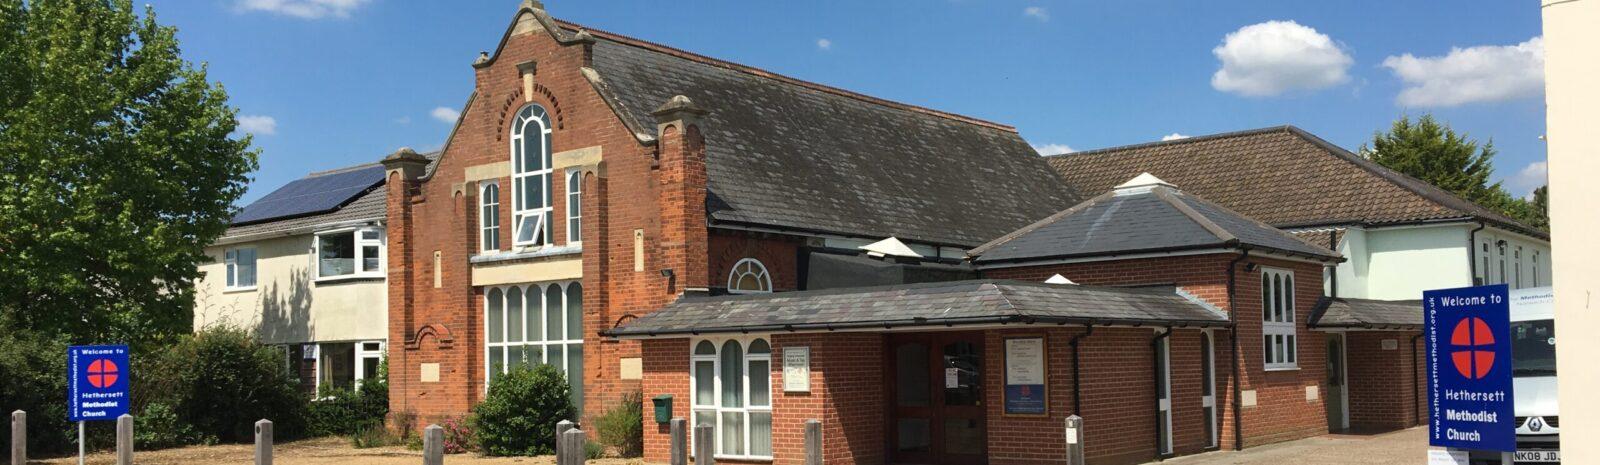 Hethersett Methodist Church